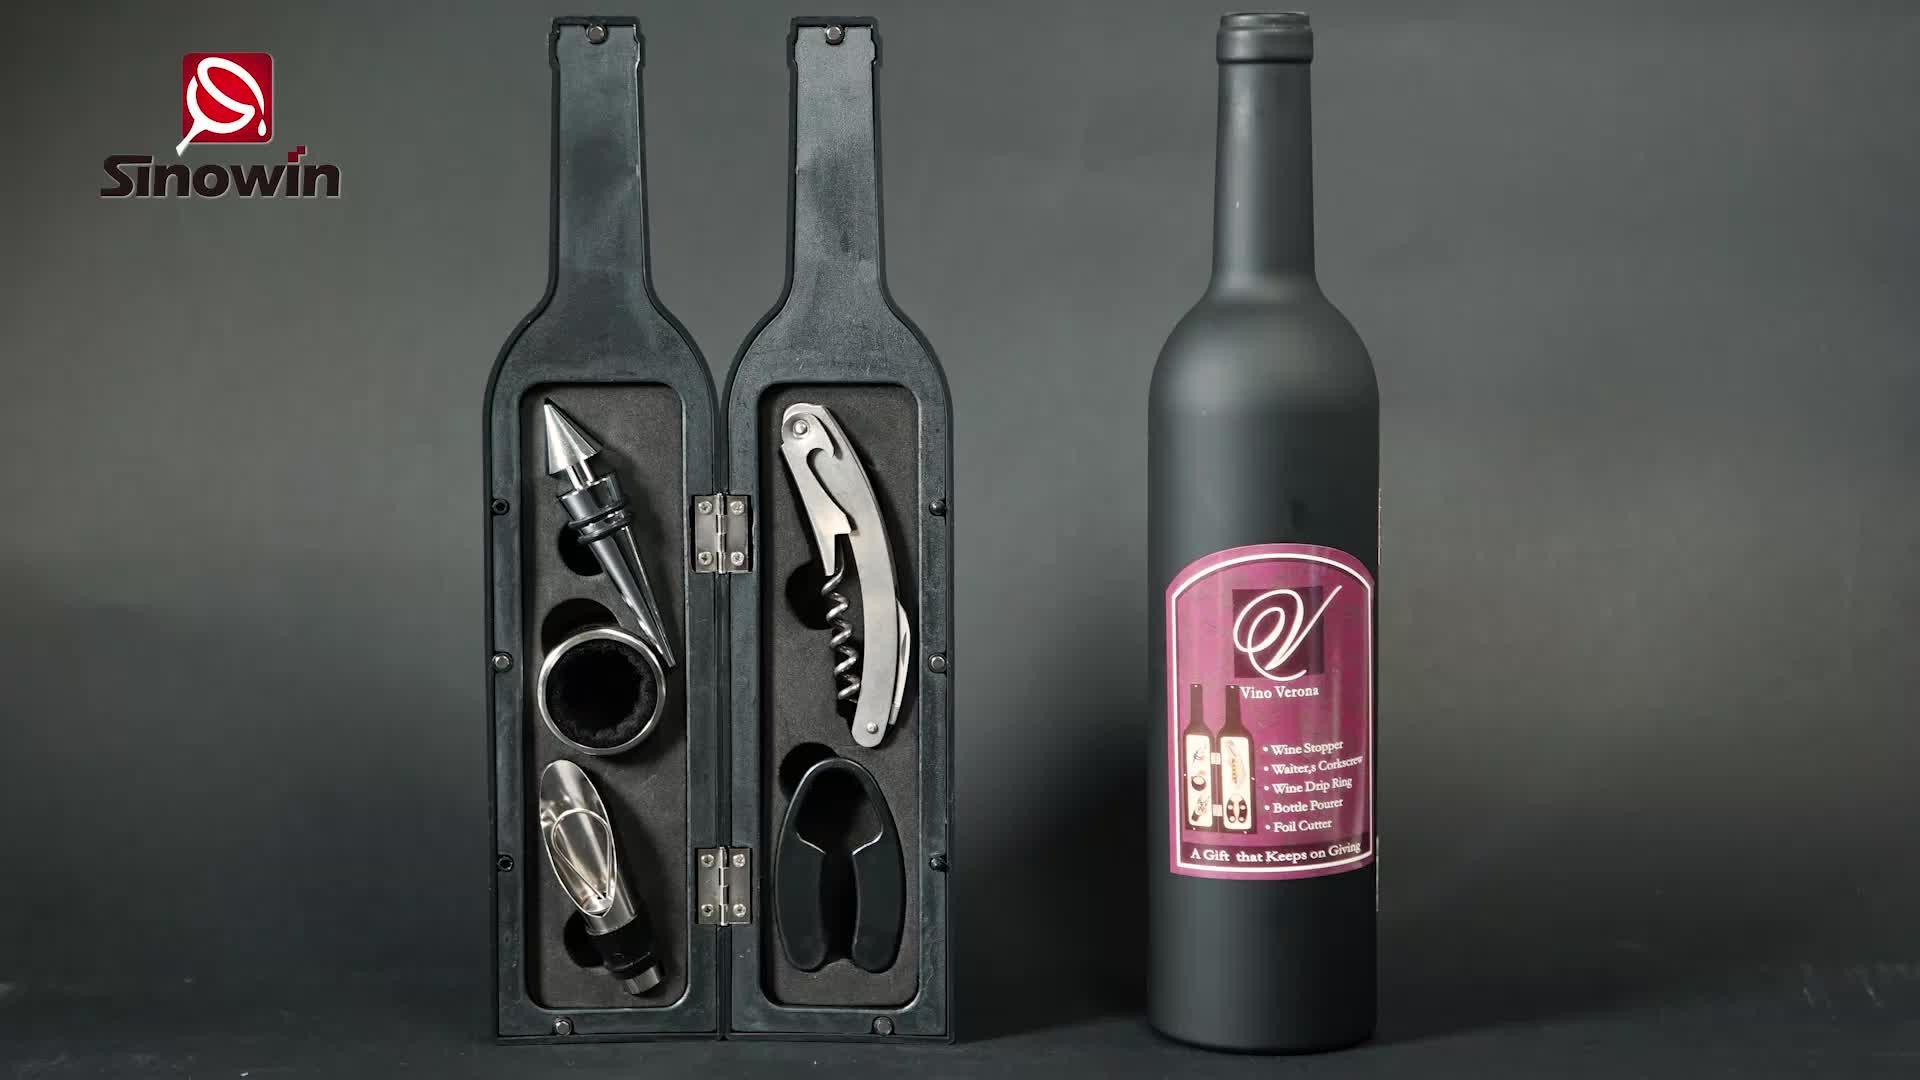 ชุดเครื่องมือไวน์ไฟฟ้าขวดไวน์ 5 ชิ้นชุดเครื่องมืออุปกรณ์ขวดไวน์